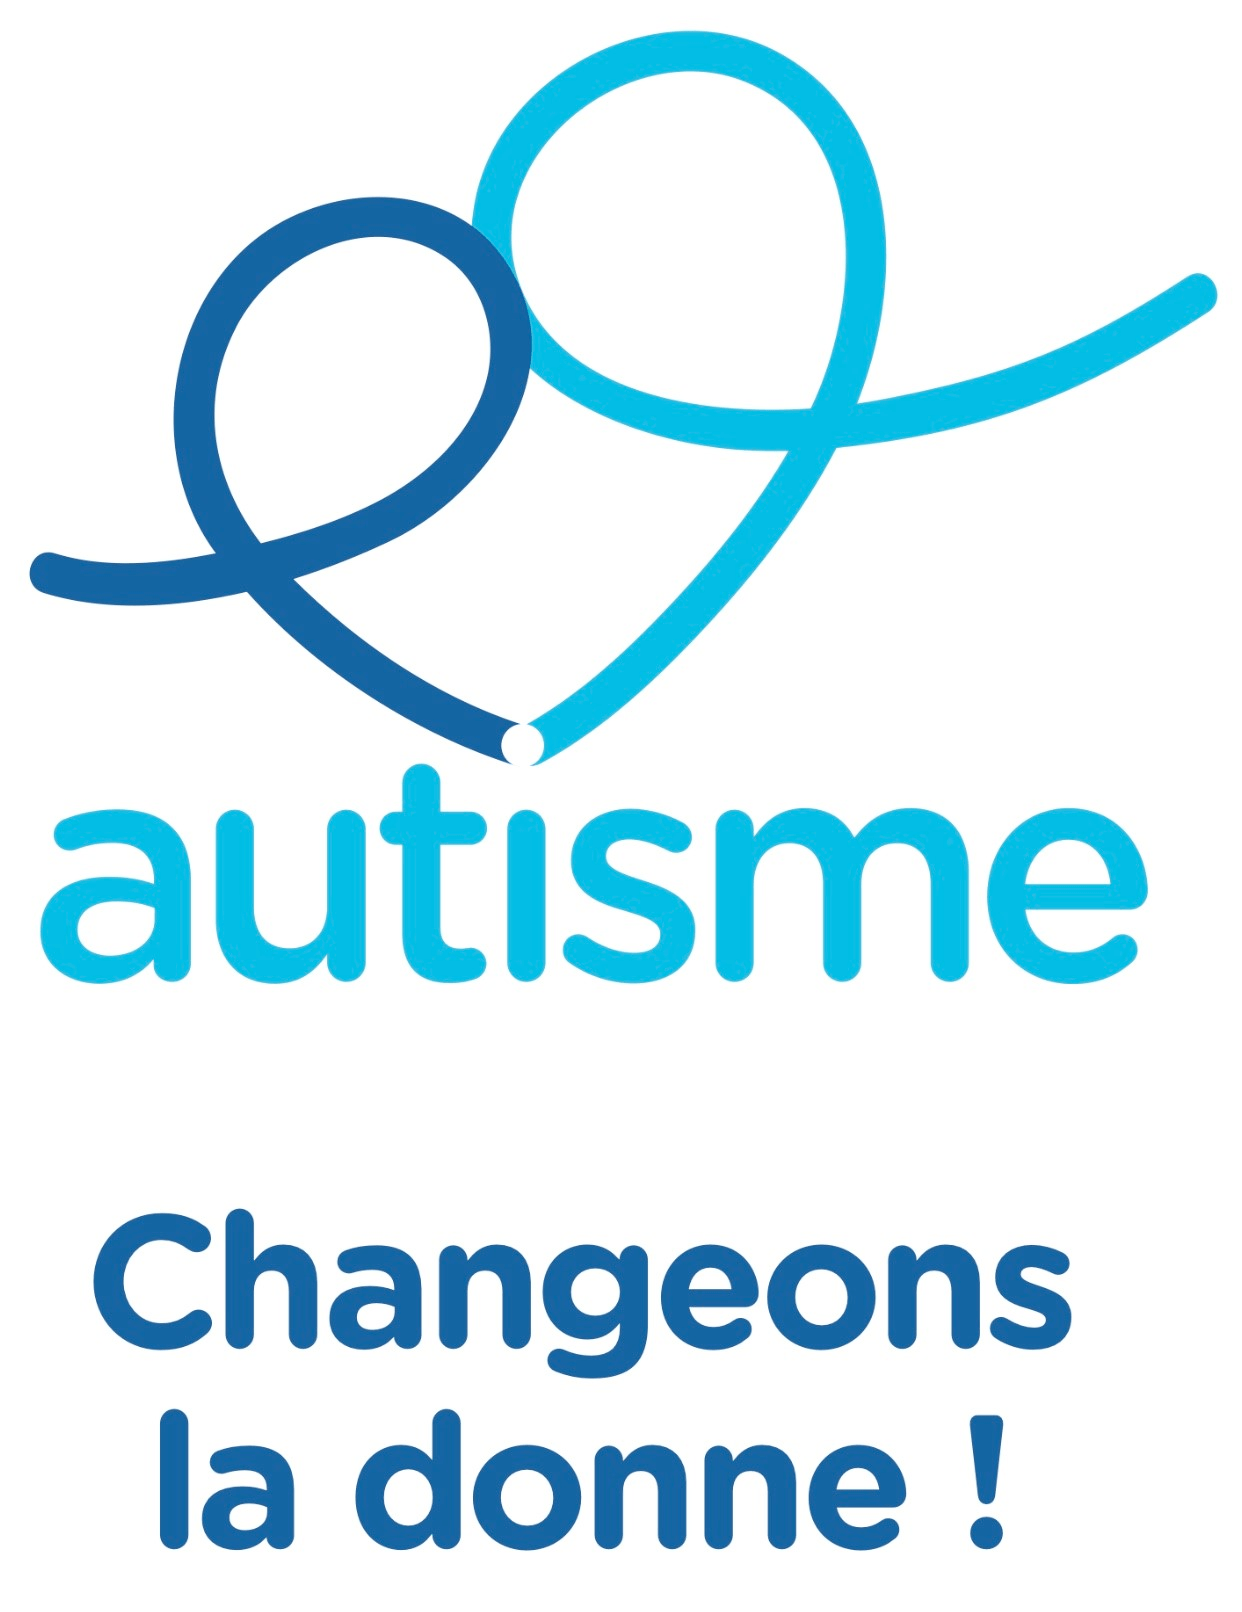 Forums, groupes et sites de rencontre   Fédération québécoise de l'autisme